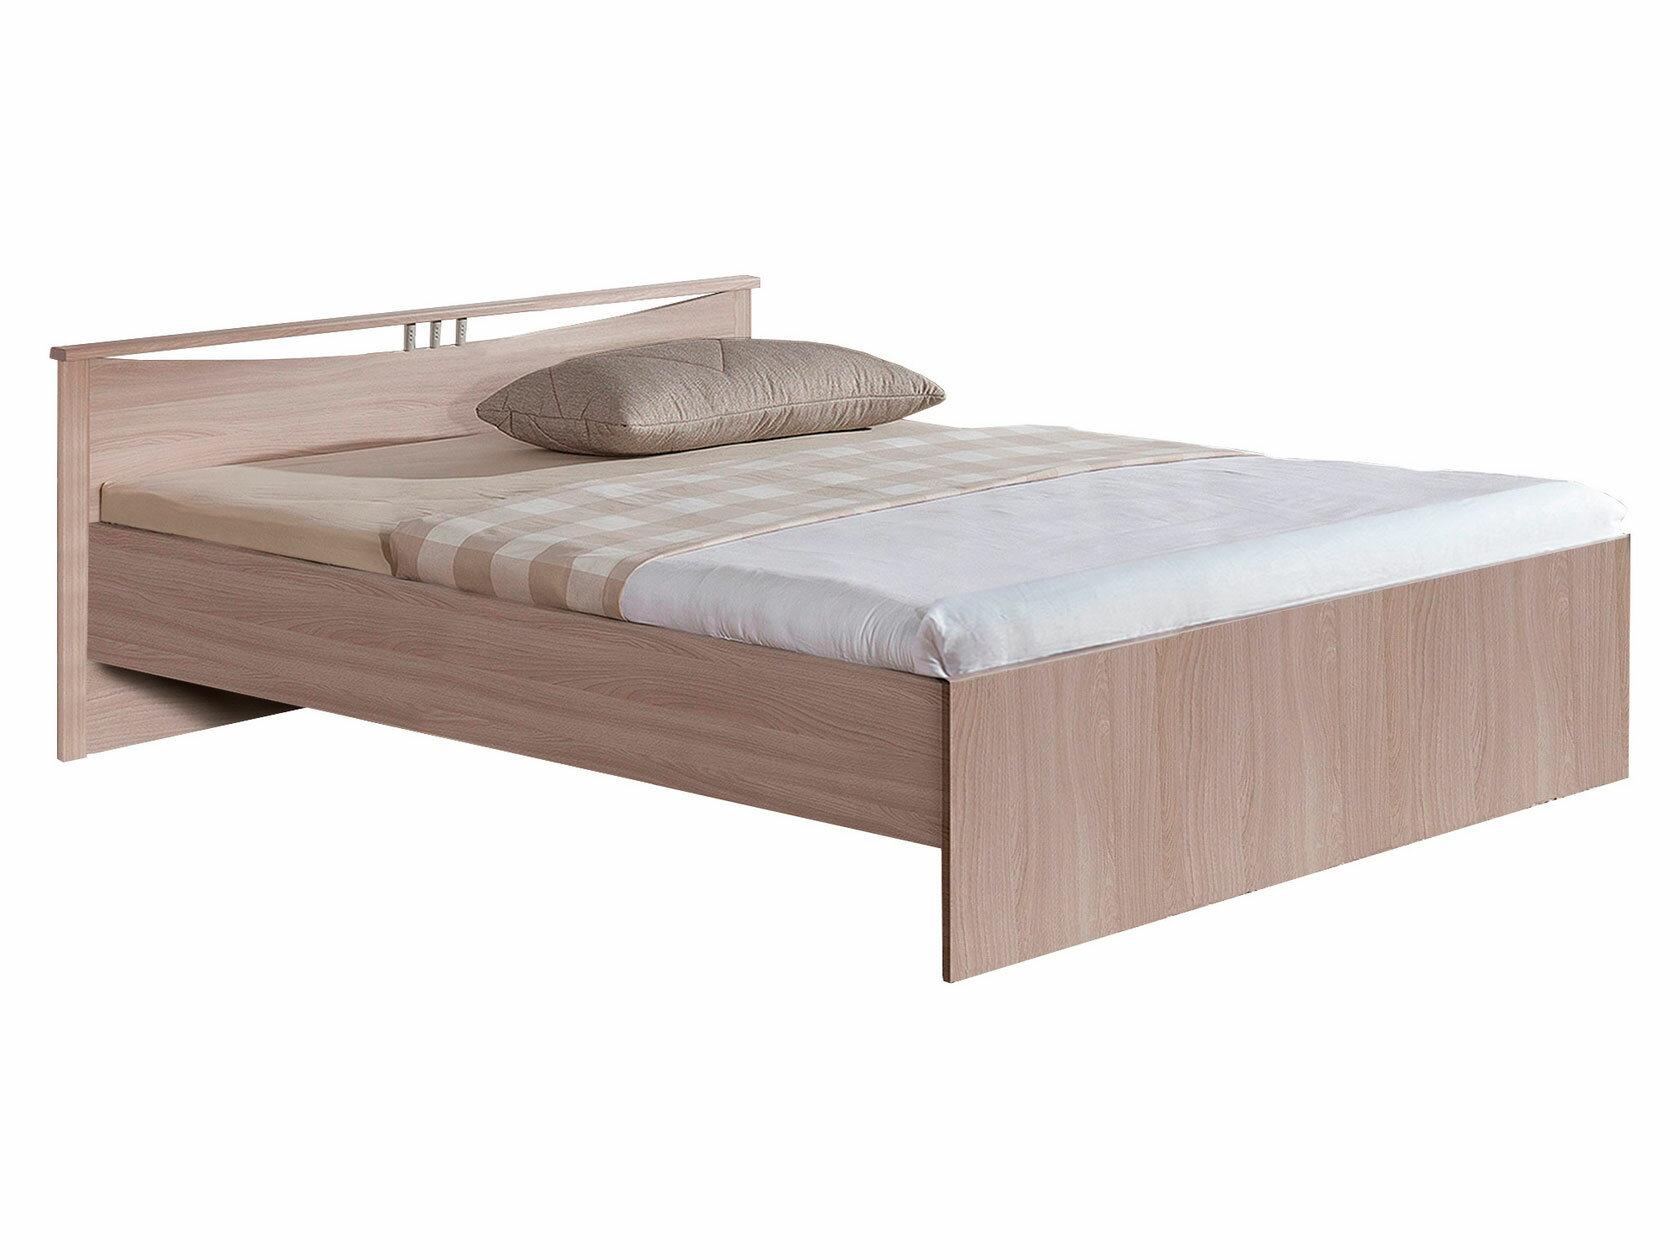 Двуспальная кровать Боровичи Кровать Мелисса Светлое дерево ,1400 Х 2000 мм